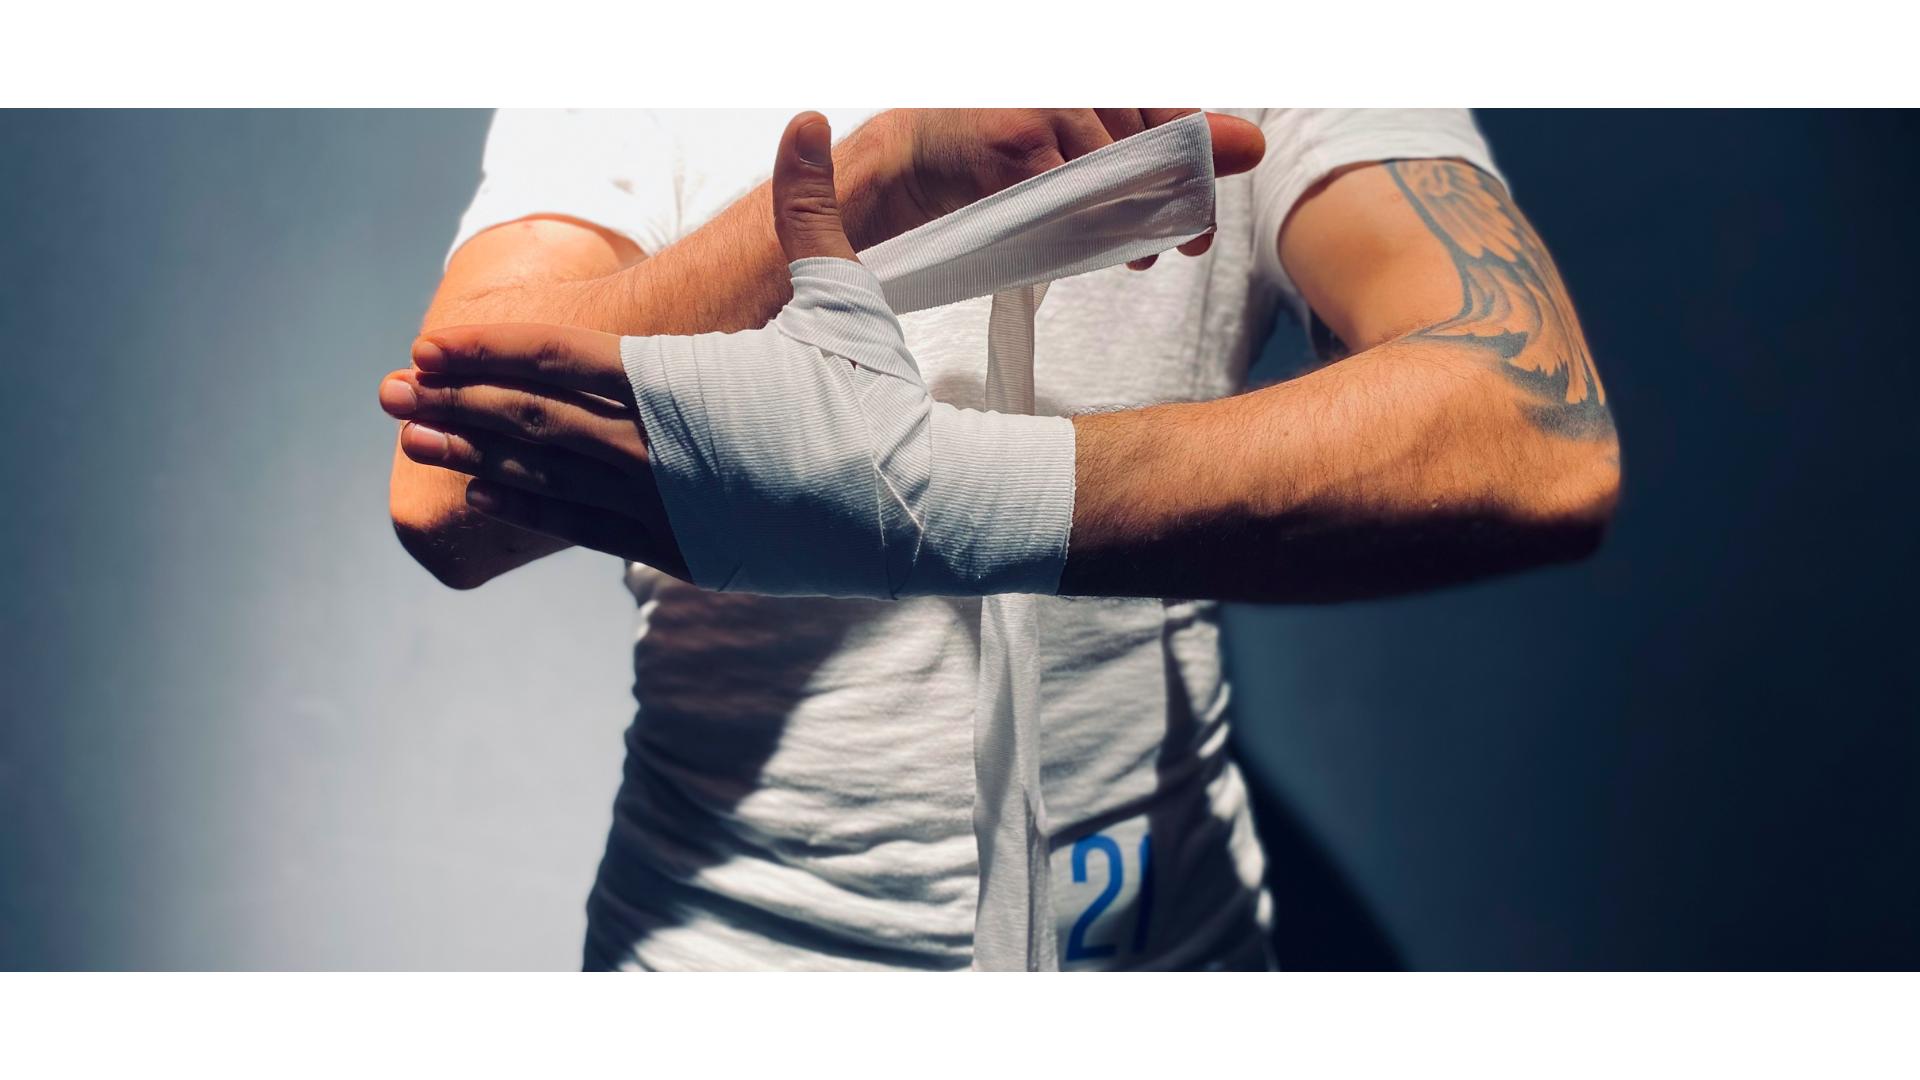 Parmak arası bandaj sarma işlem yapan birinin görseli.